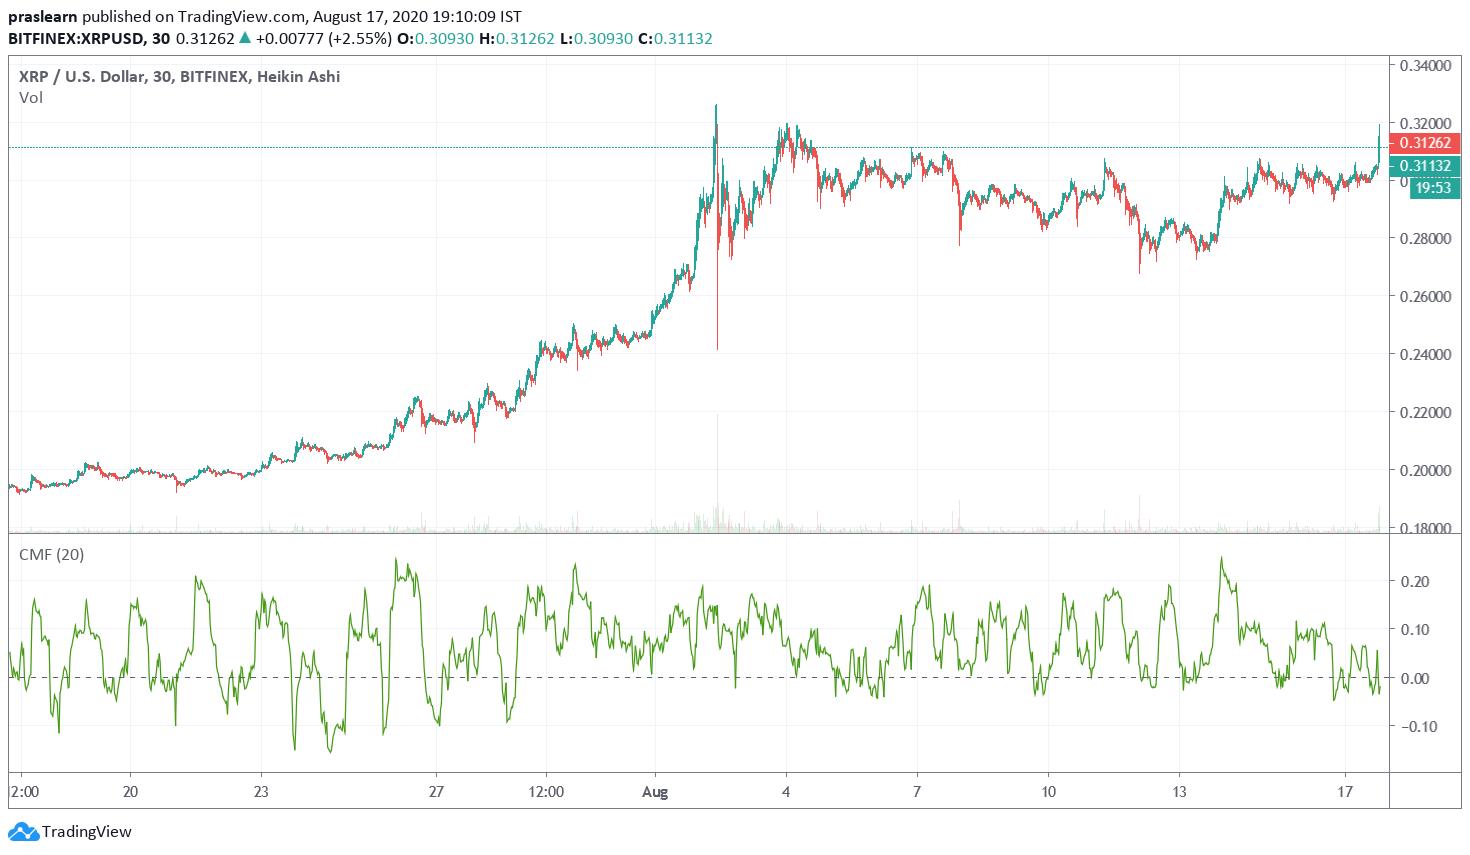 XRP Price Analysis CMF 20 Chart